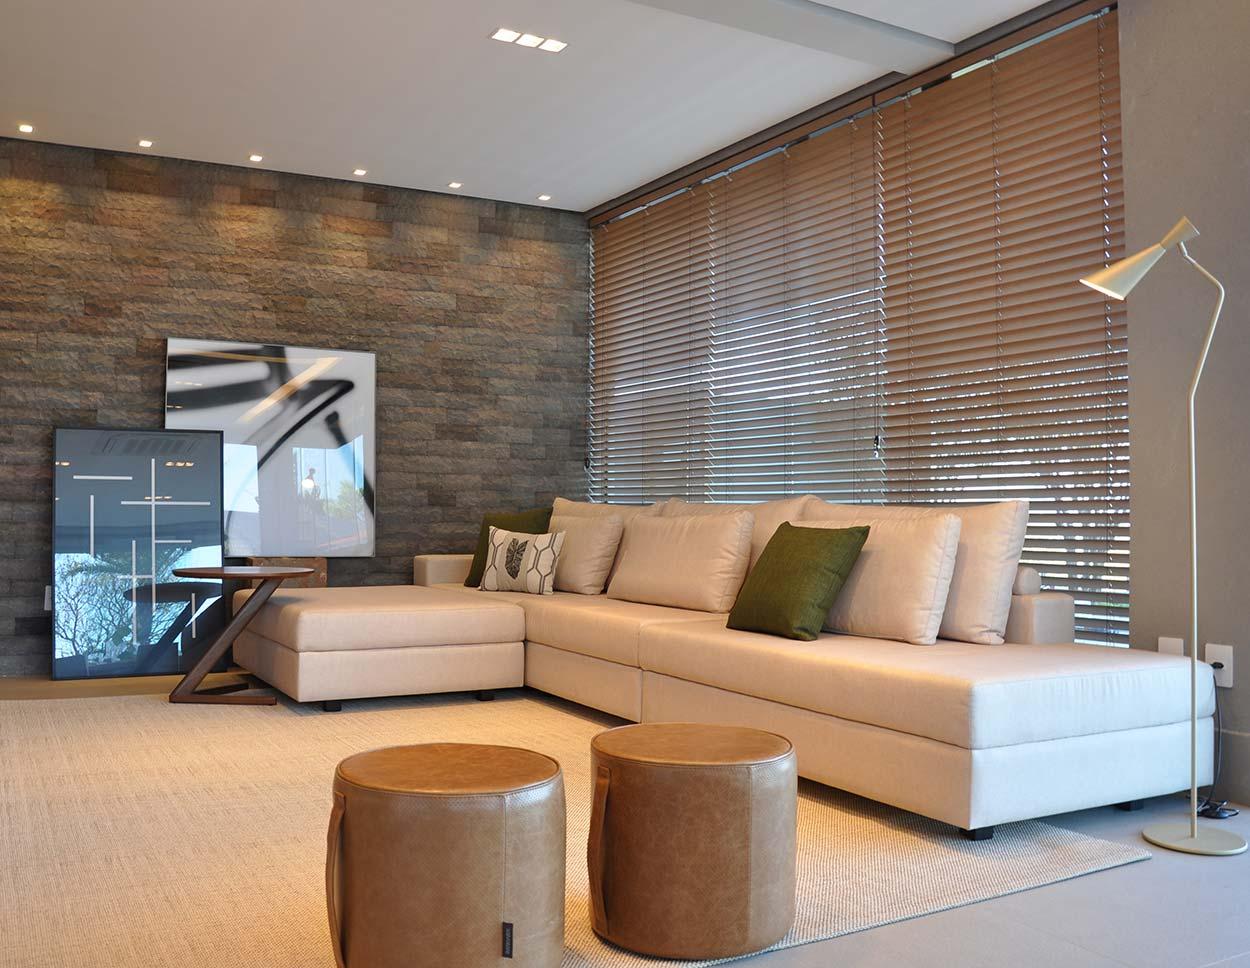 veridianaperes-interiores-residenciaFF20